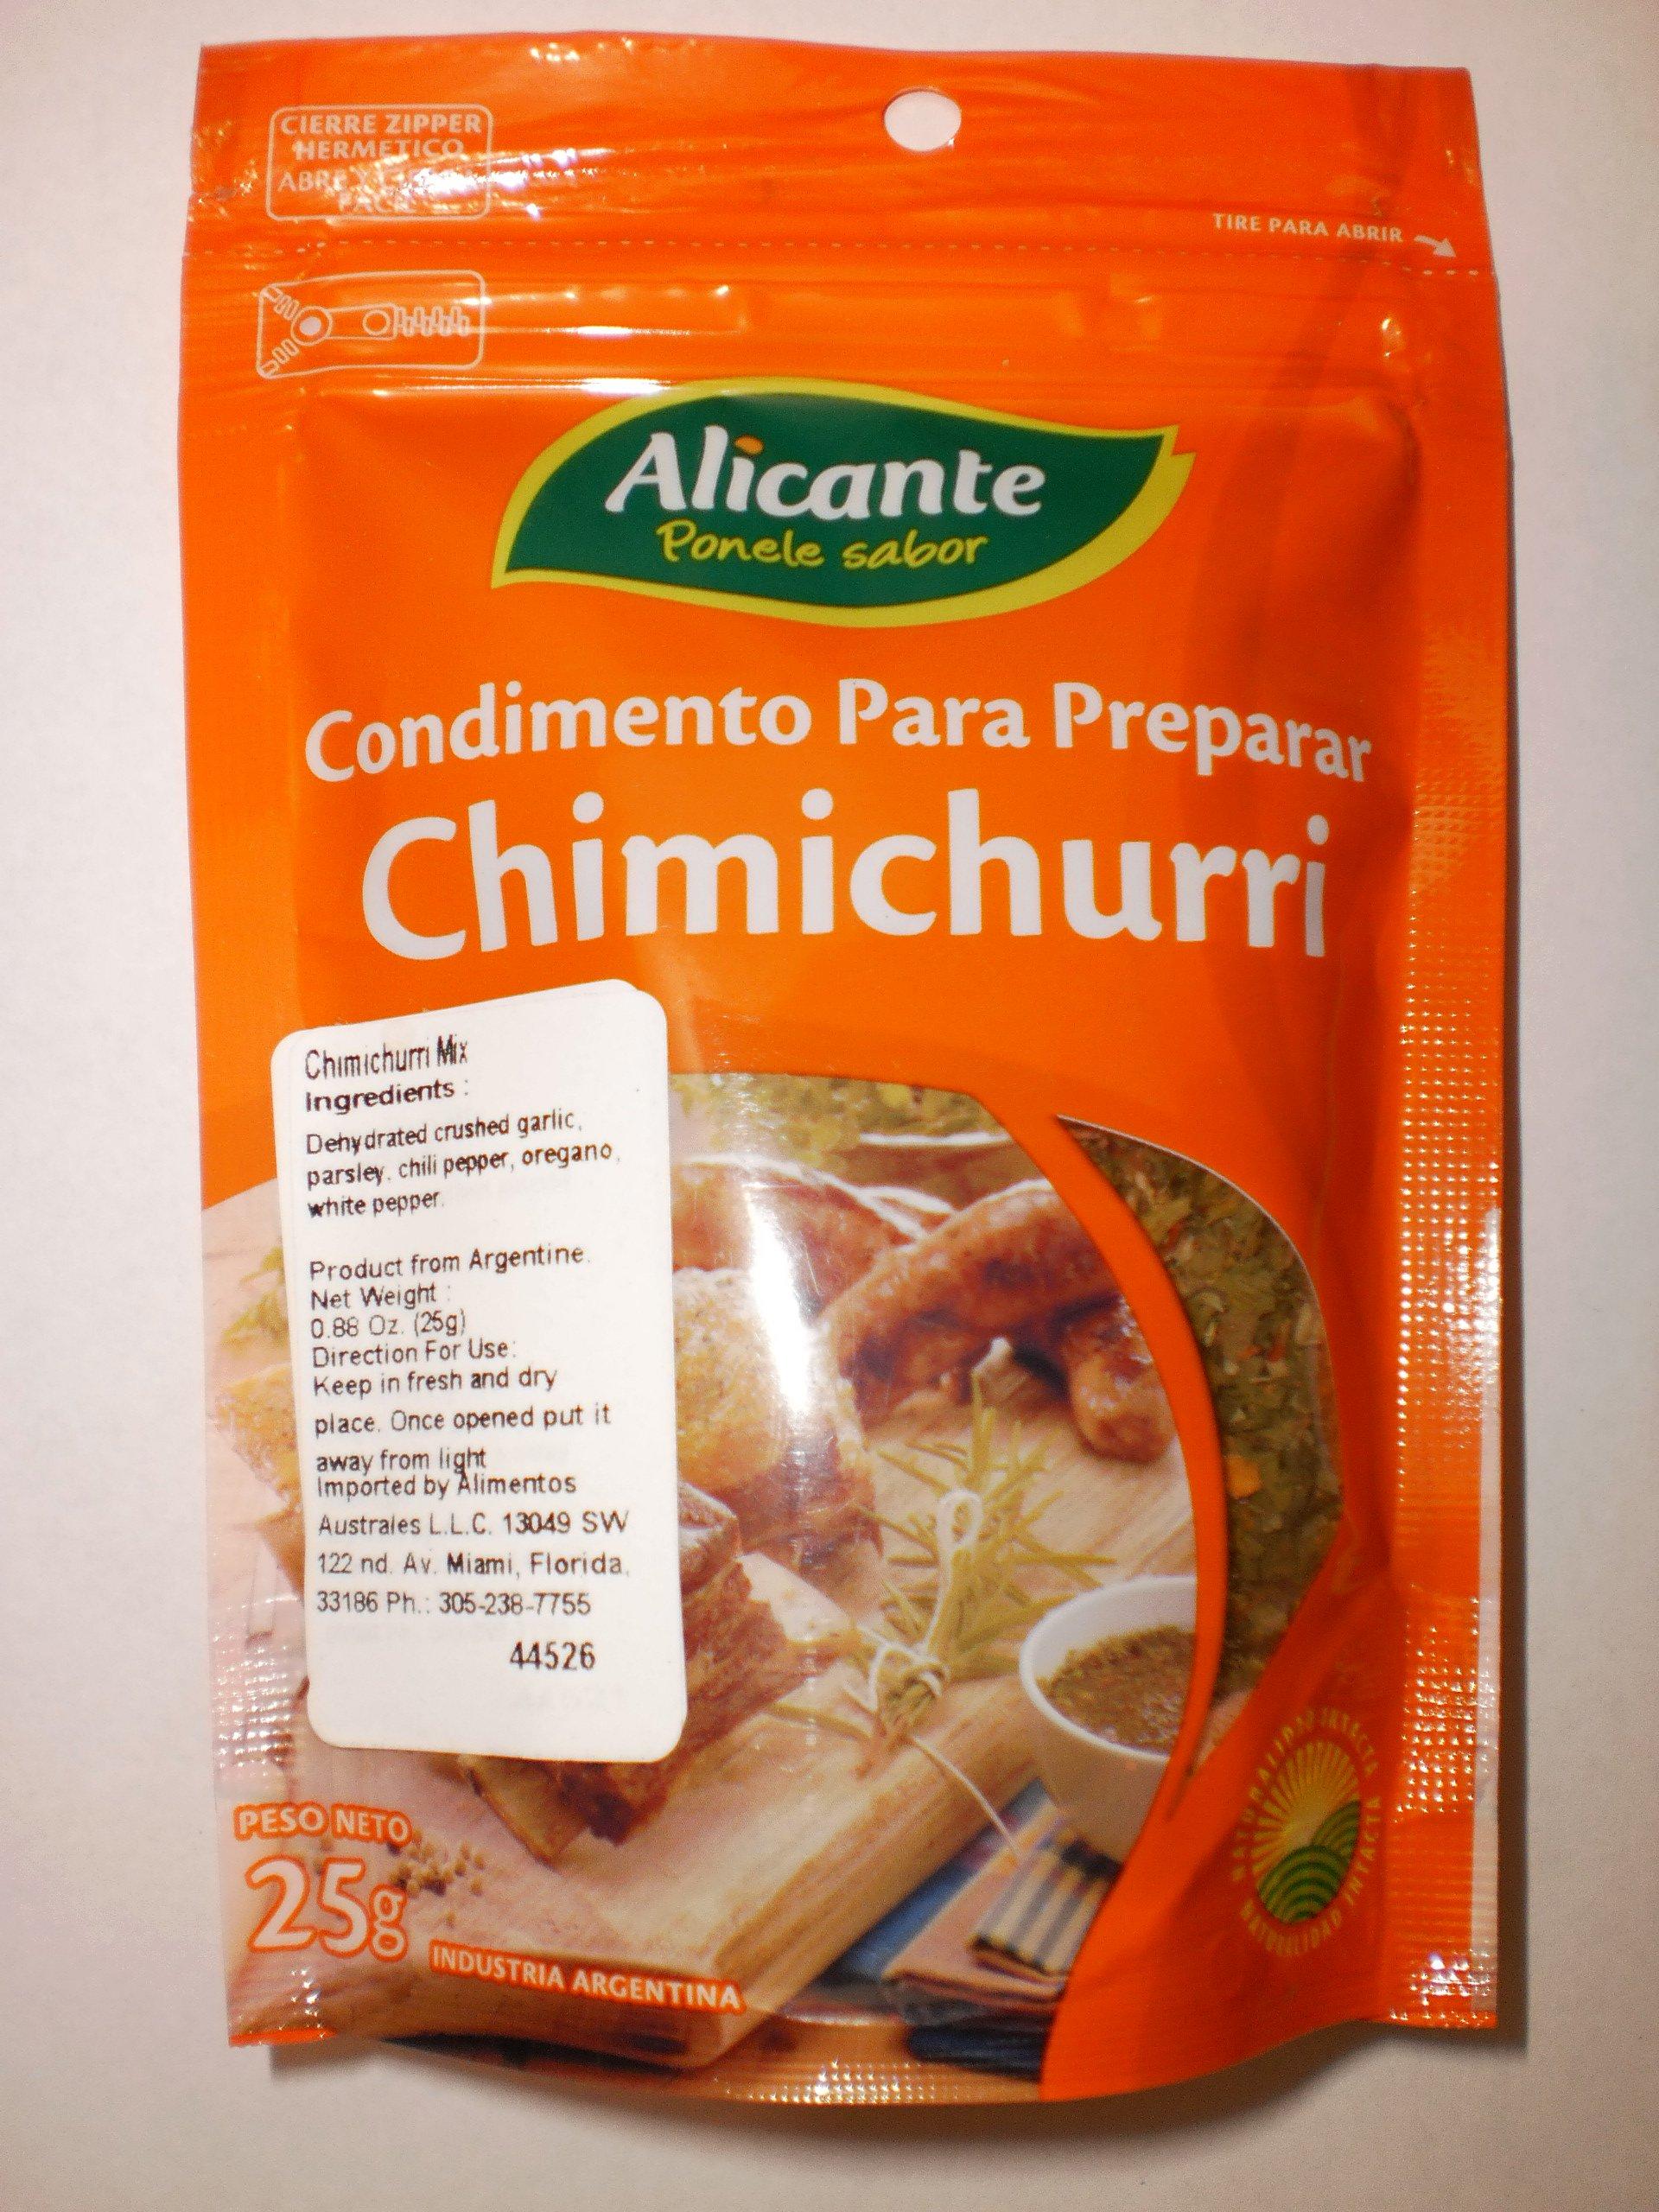 Condimento Para Preparar Chimichurri Alicante Ponele Sabor La Virginia 25g Industria Argentina